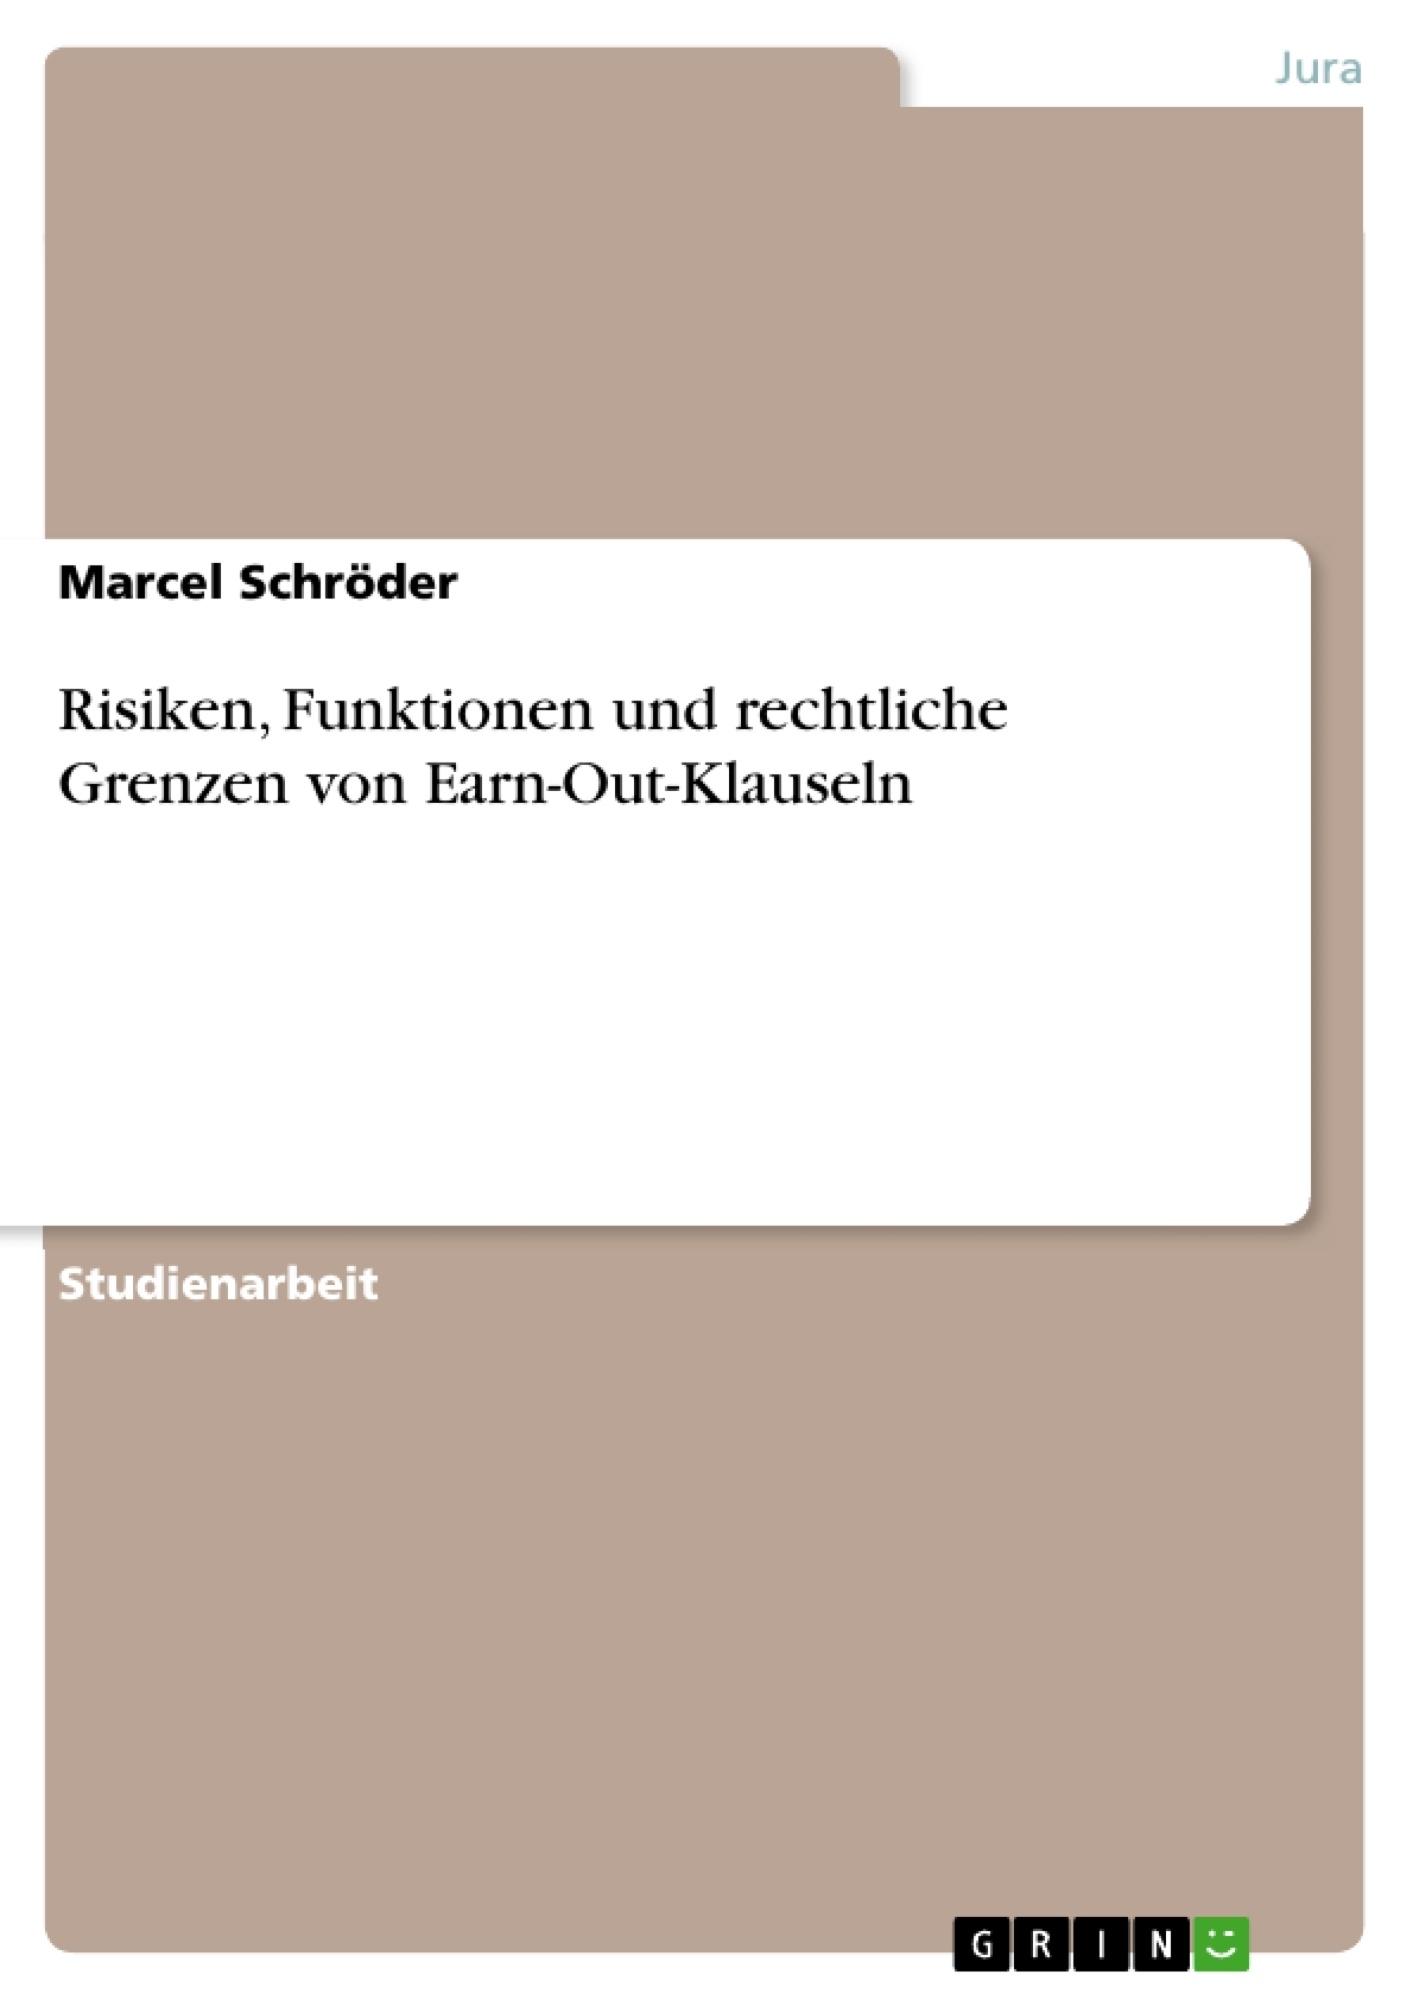 Titel: Risiken, Funktionen und rechtliche Grenzen von Earn-Out-Klauseln